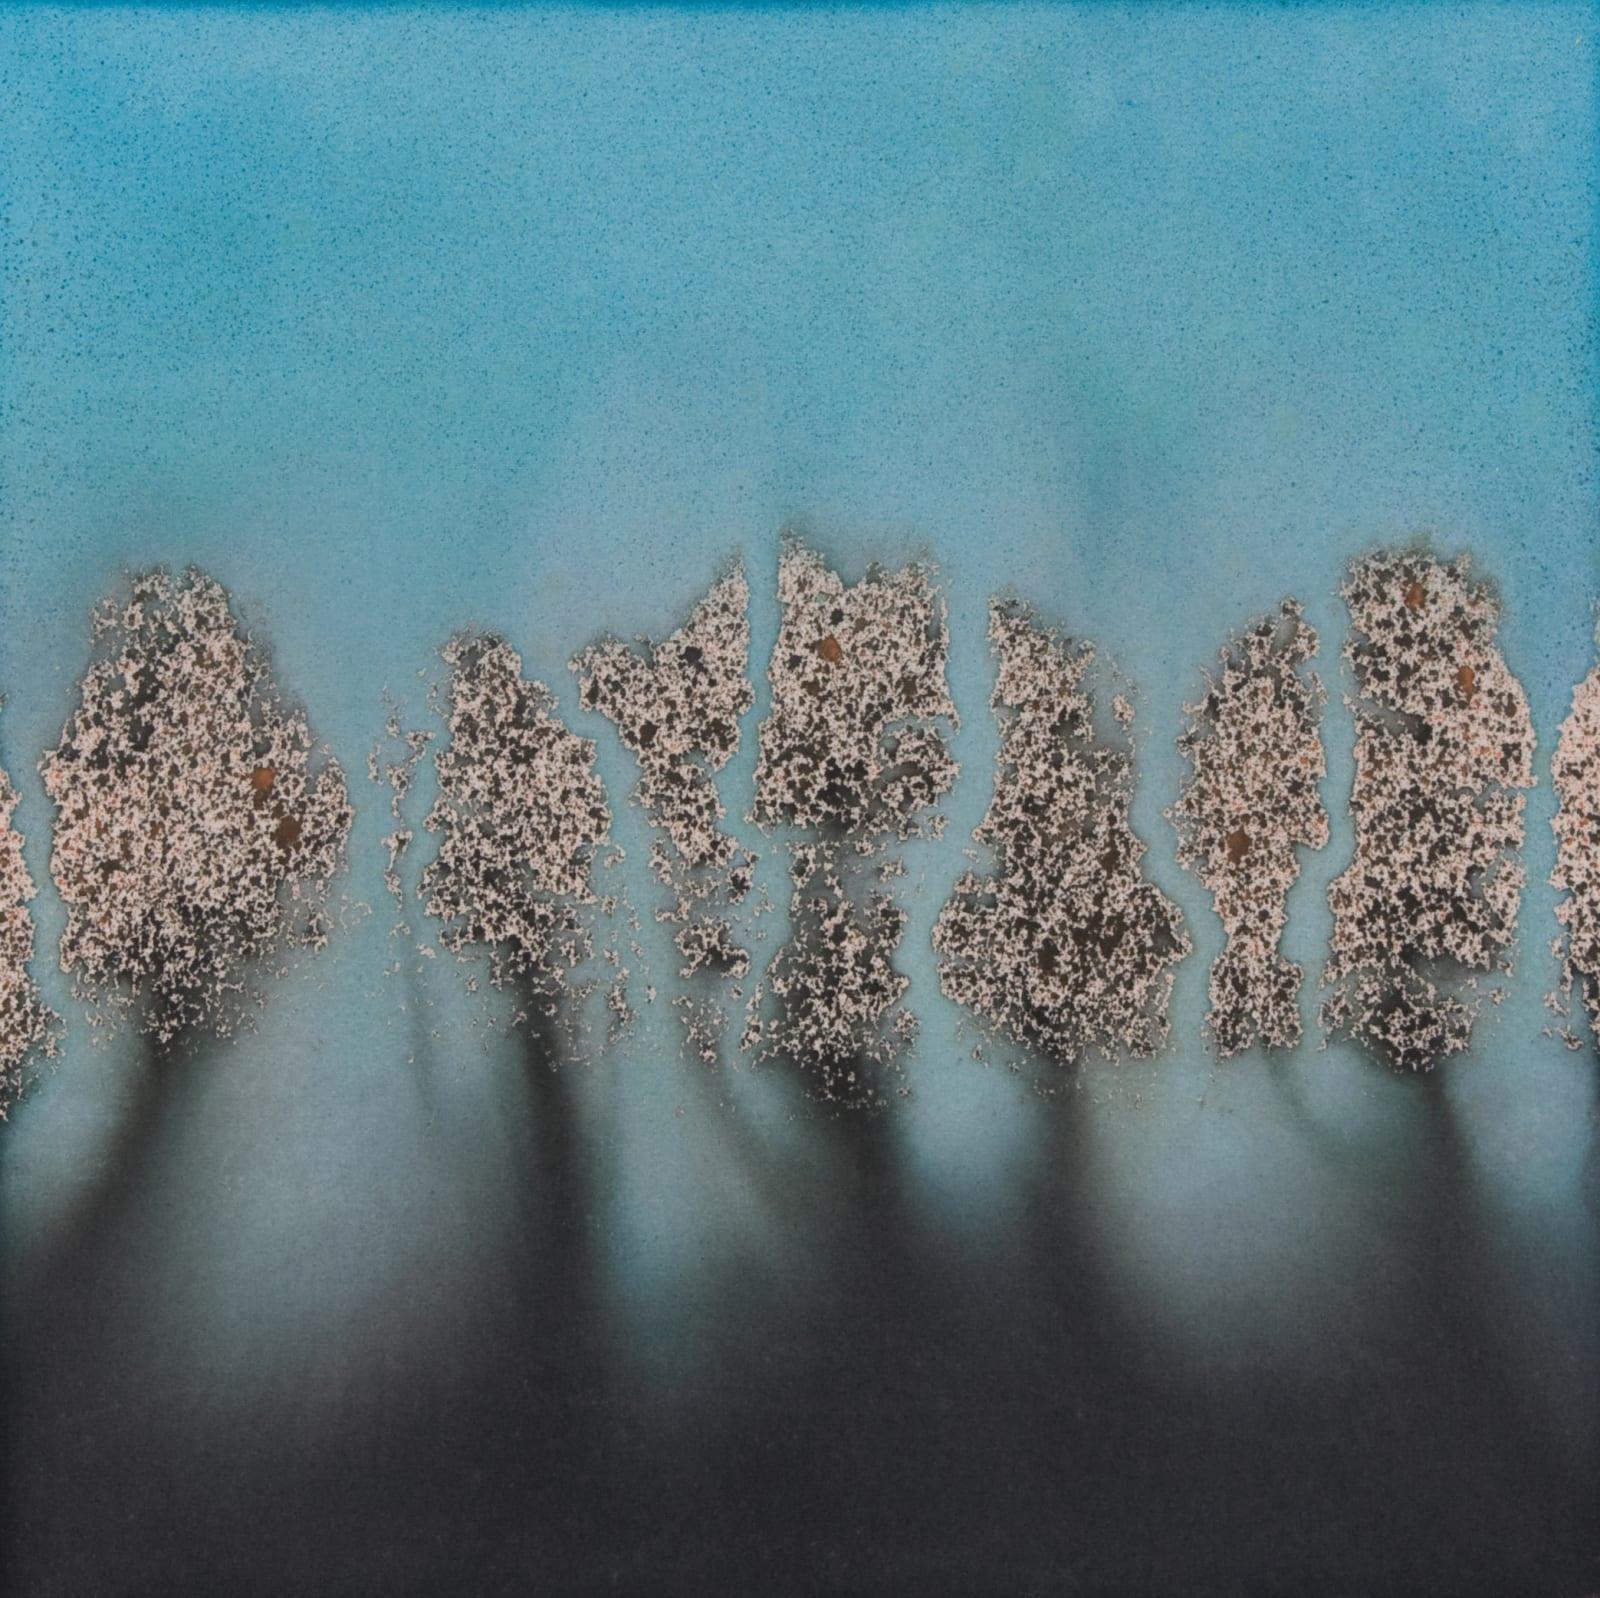 Ari Lankin, Stone Rain, 2015